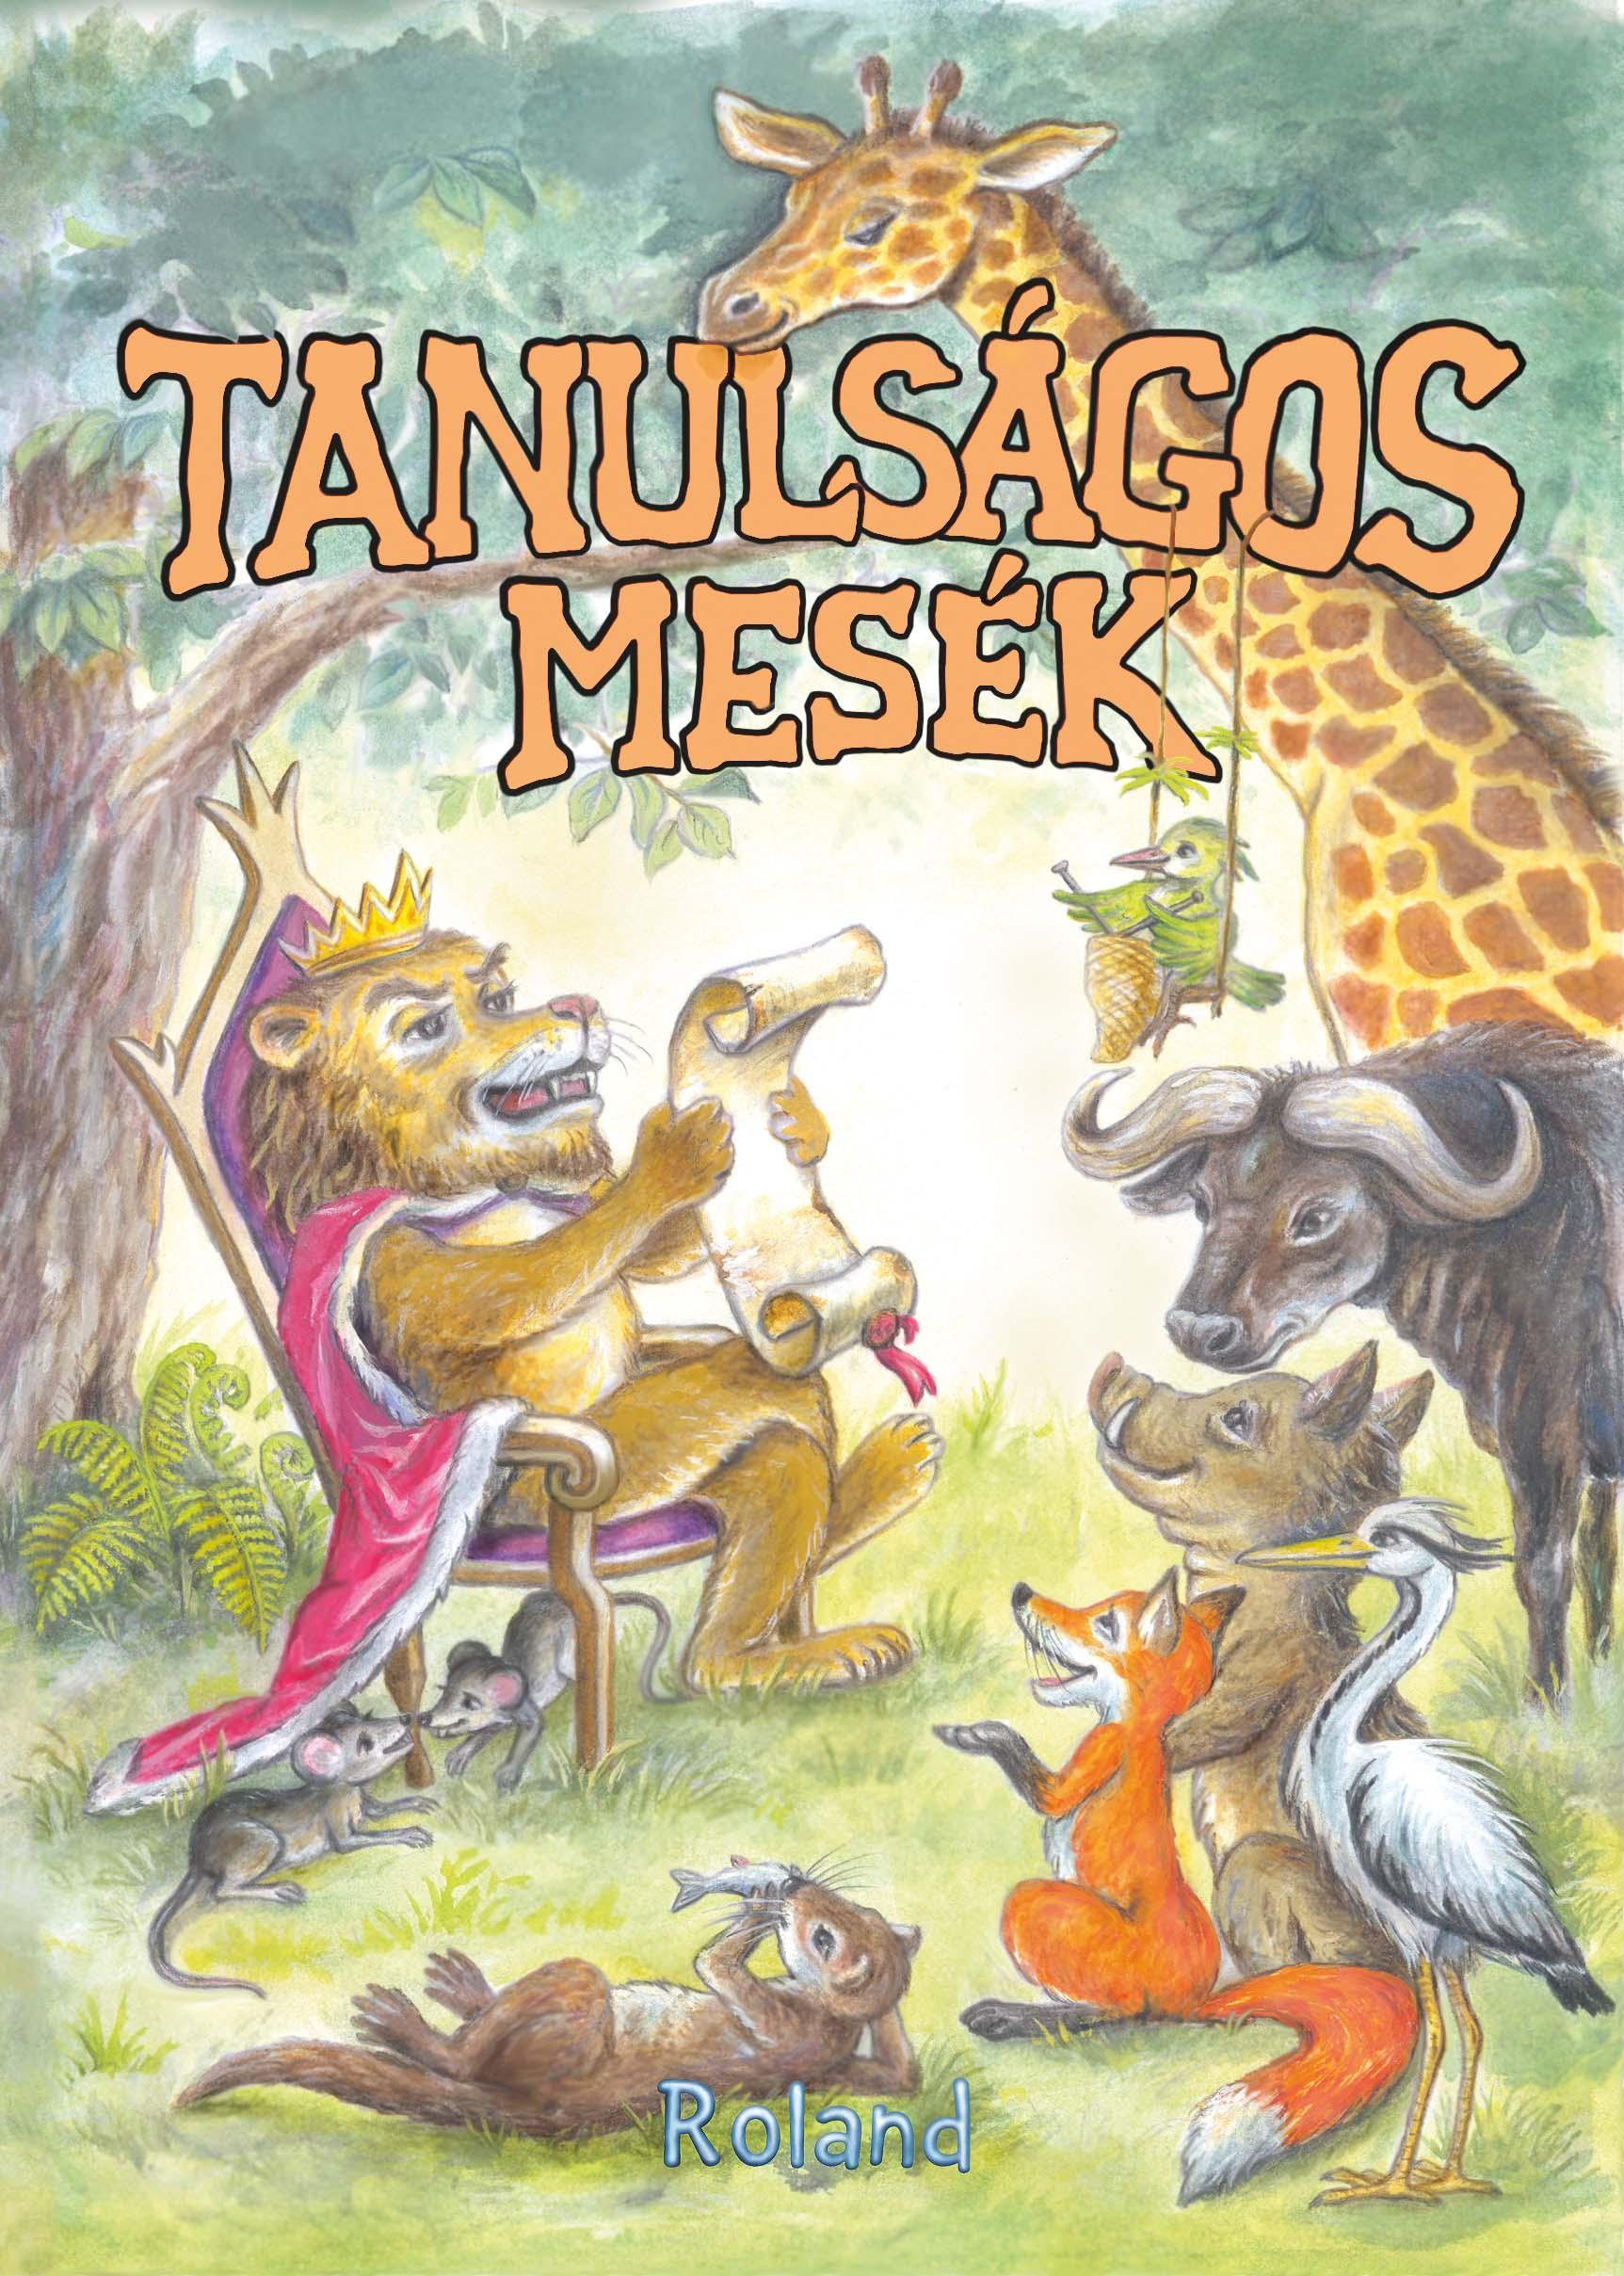 TANULSÁGOS MESÉK (LA FONTAINE NYOMÁN)